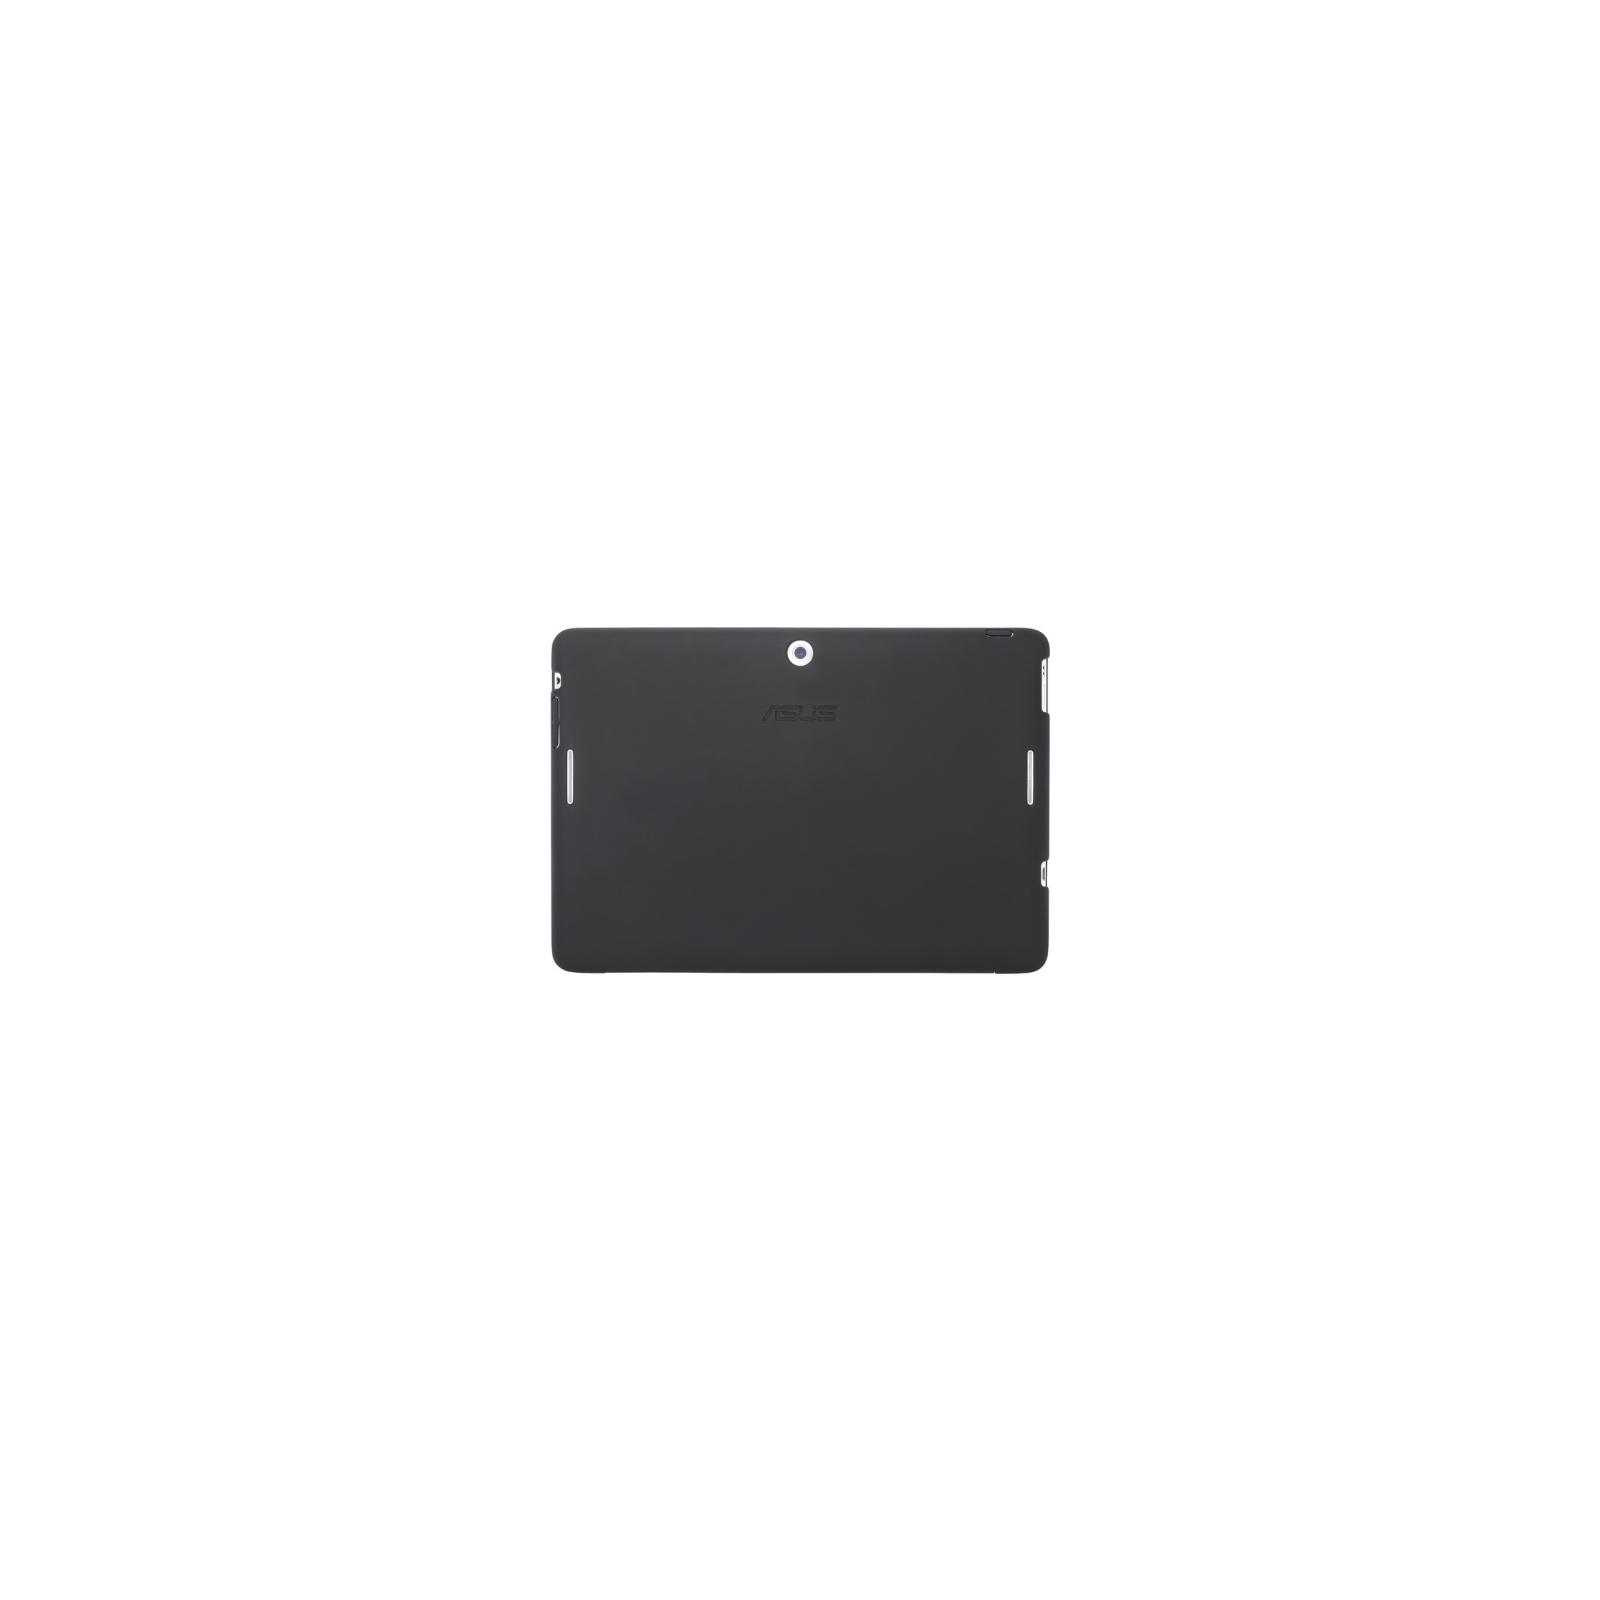 Чехол для планшета ASUS 10.1 ME302C TRANSCOVER/BK (90XB00GP-BSL0Q0) изображение 3